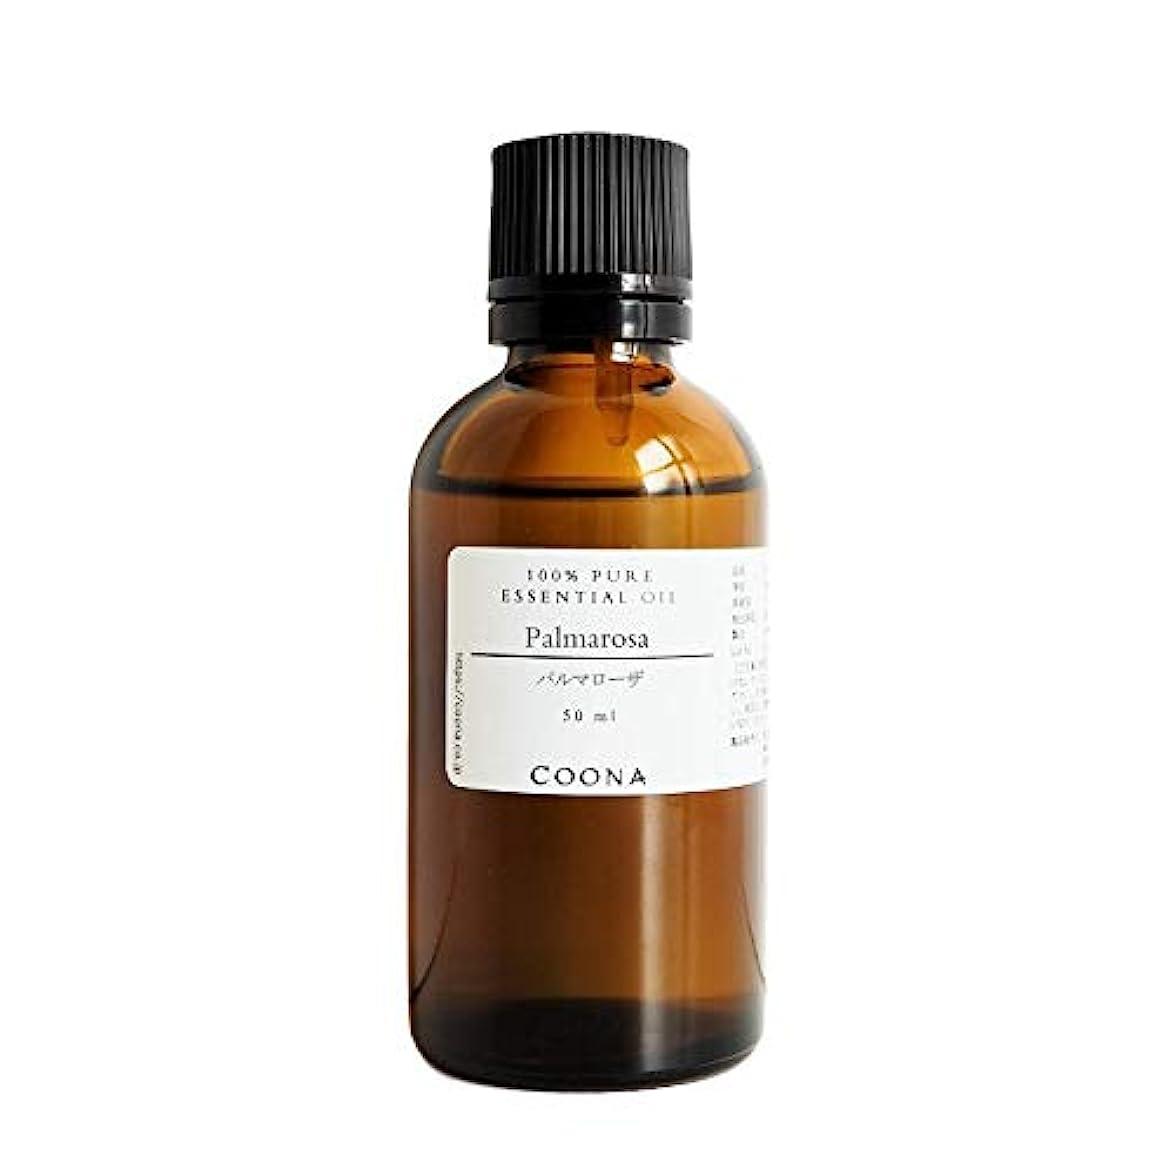 意気込み慣れている司教パルマローザ 50 ml (COONA エッセンシャルオイル アロマオイル 100%天然植物精油)